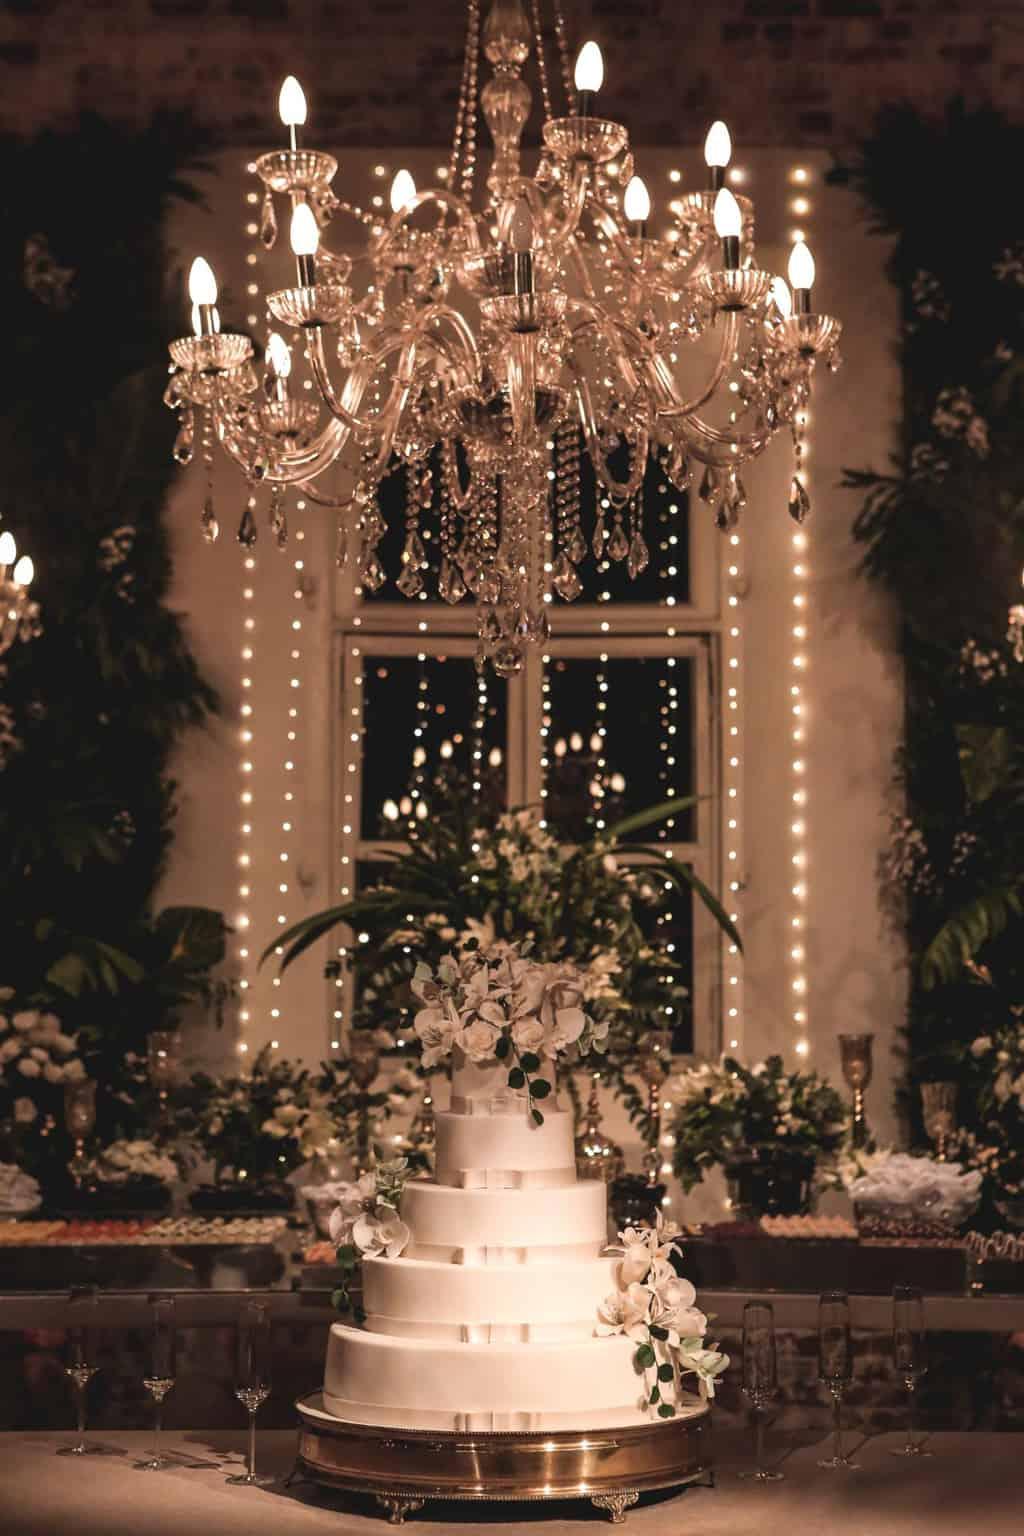 bolo-de-casamento-casamento-Juliana-e-Eduardo-decoracao-da-festa-Fotografia-Ricardo-Nascimento-e-Thereza-magno-Usina-dois-irmãos42